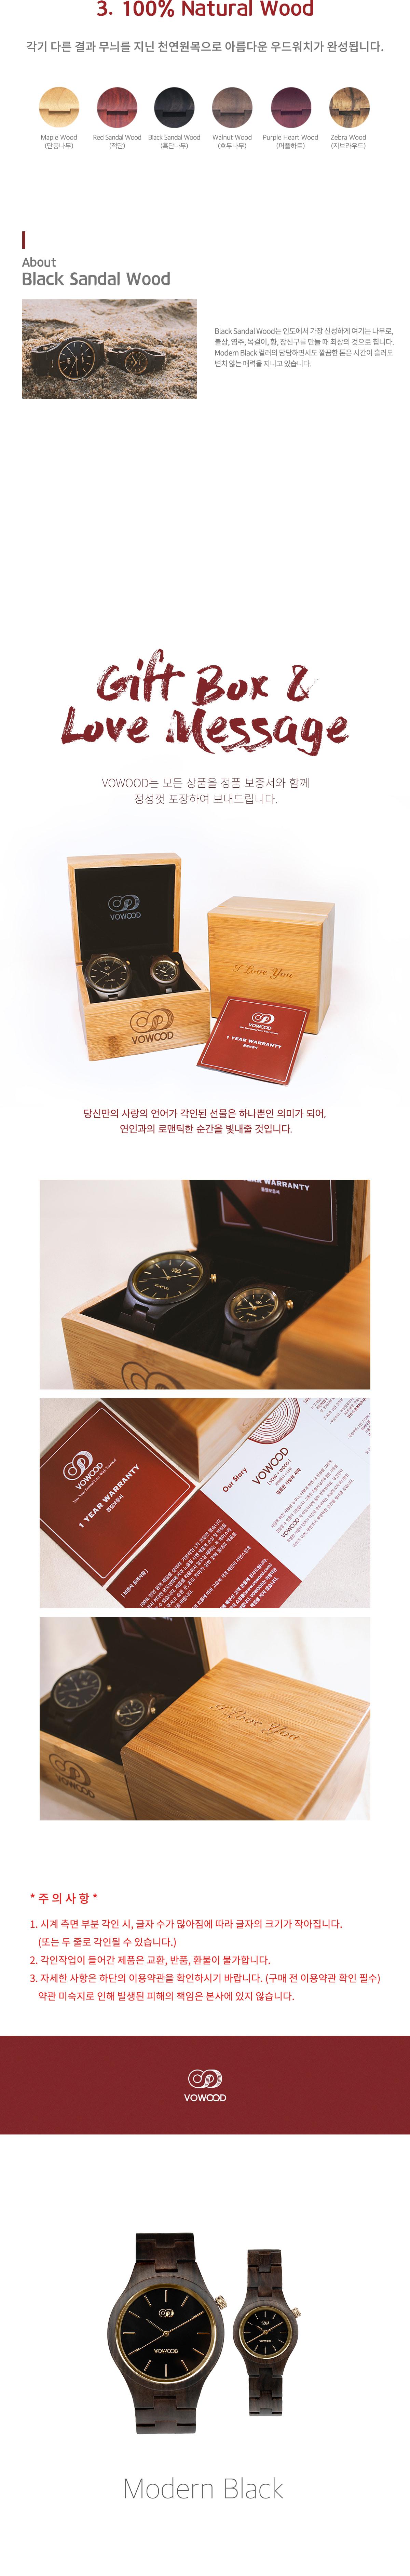 Romeo Juliet - Modern Black299,000원-바우드주얼리/시계, 시계, 시계세트, 커플시계바보사랑Romeo Juliet - Modern Black299,000원-바우드주얼리/시계, 시계, 시계세트, 커플시계바보사랑